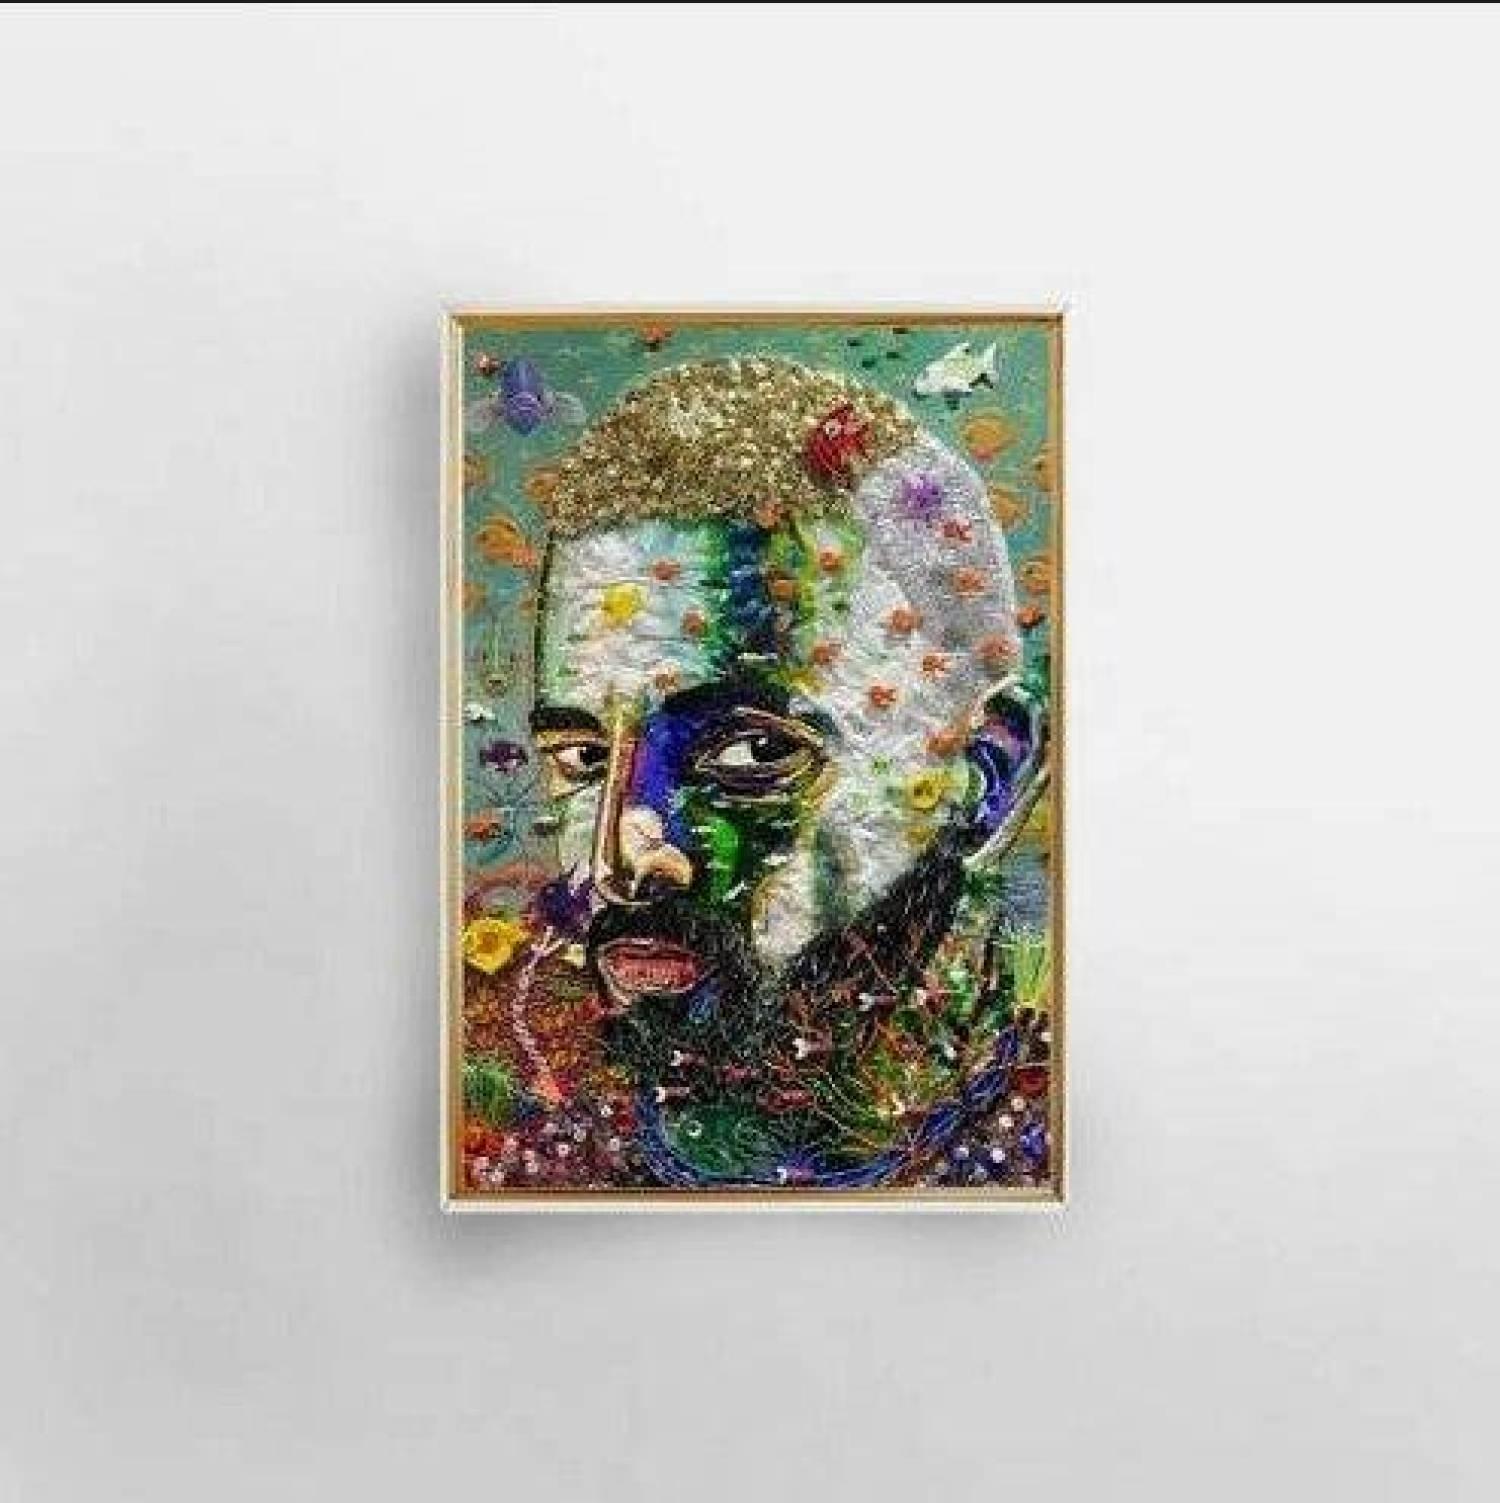 DOWNLOAD ALBUM: Maluma – #7DJ (7 Dias En Jamaica) ZIP Full Album MP3